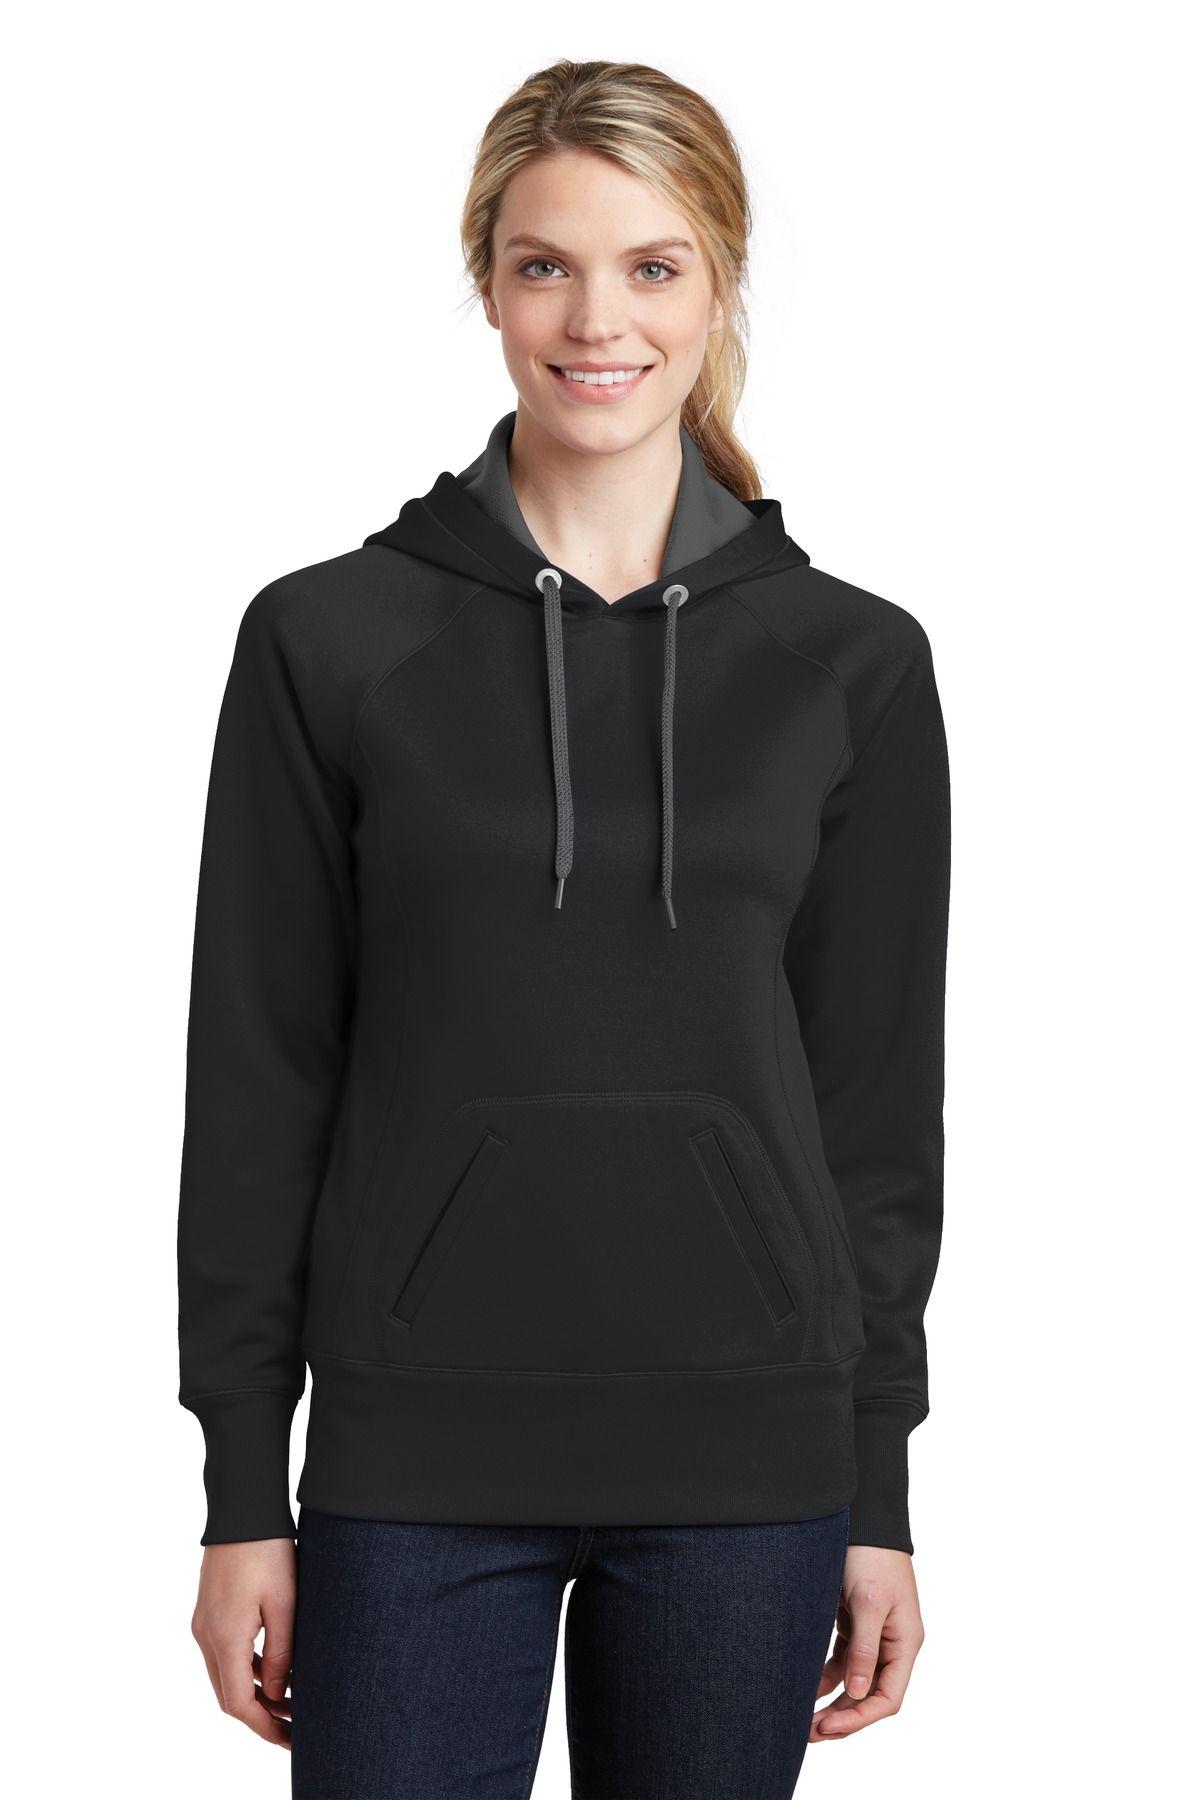 SportTek LST250 Ladies Tech Fleece Hooded Sweatshirt